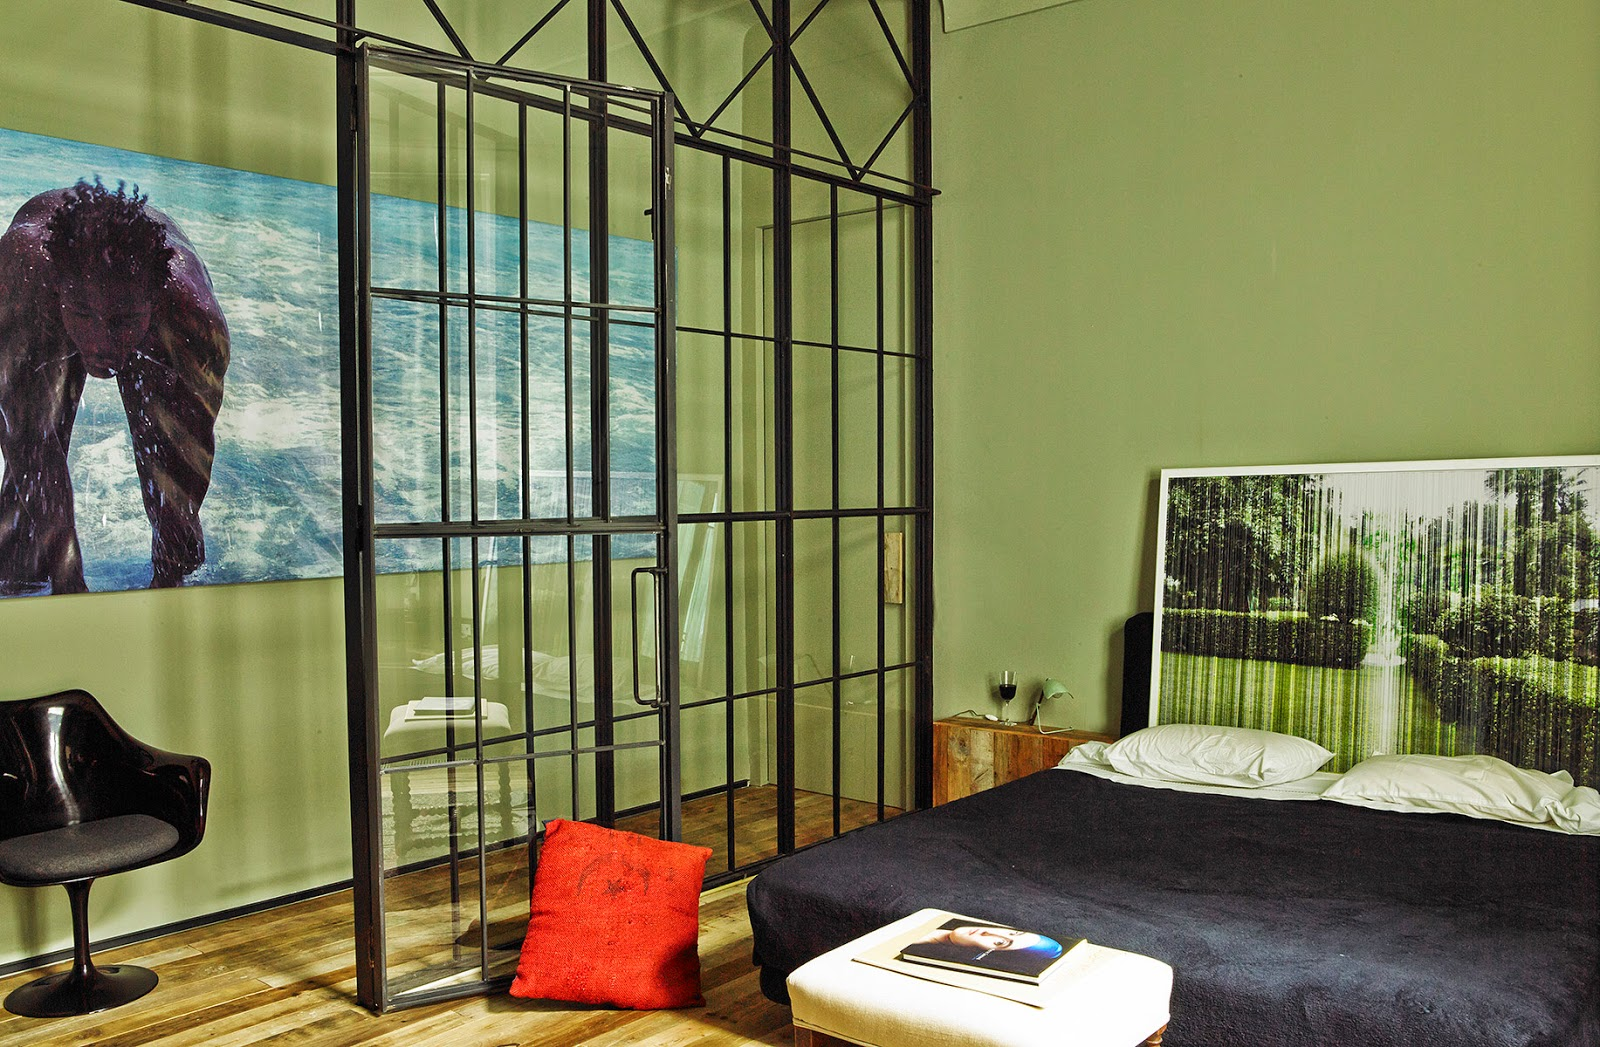 Villa in Grün, Eisen und Holz - naturverbundene Einrichtung und Wohnen in der Stadt